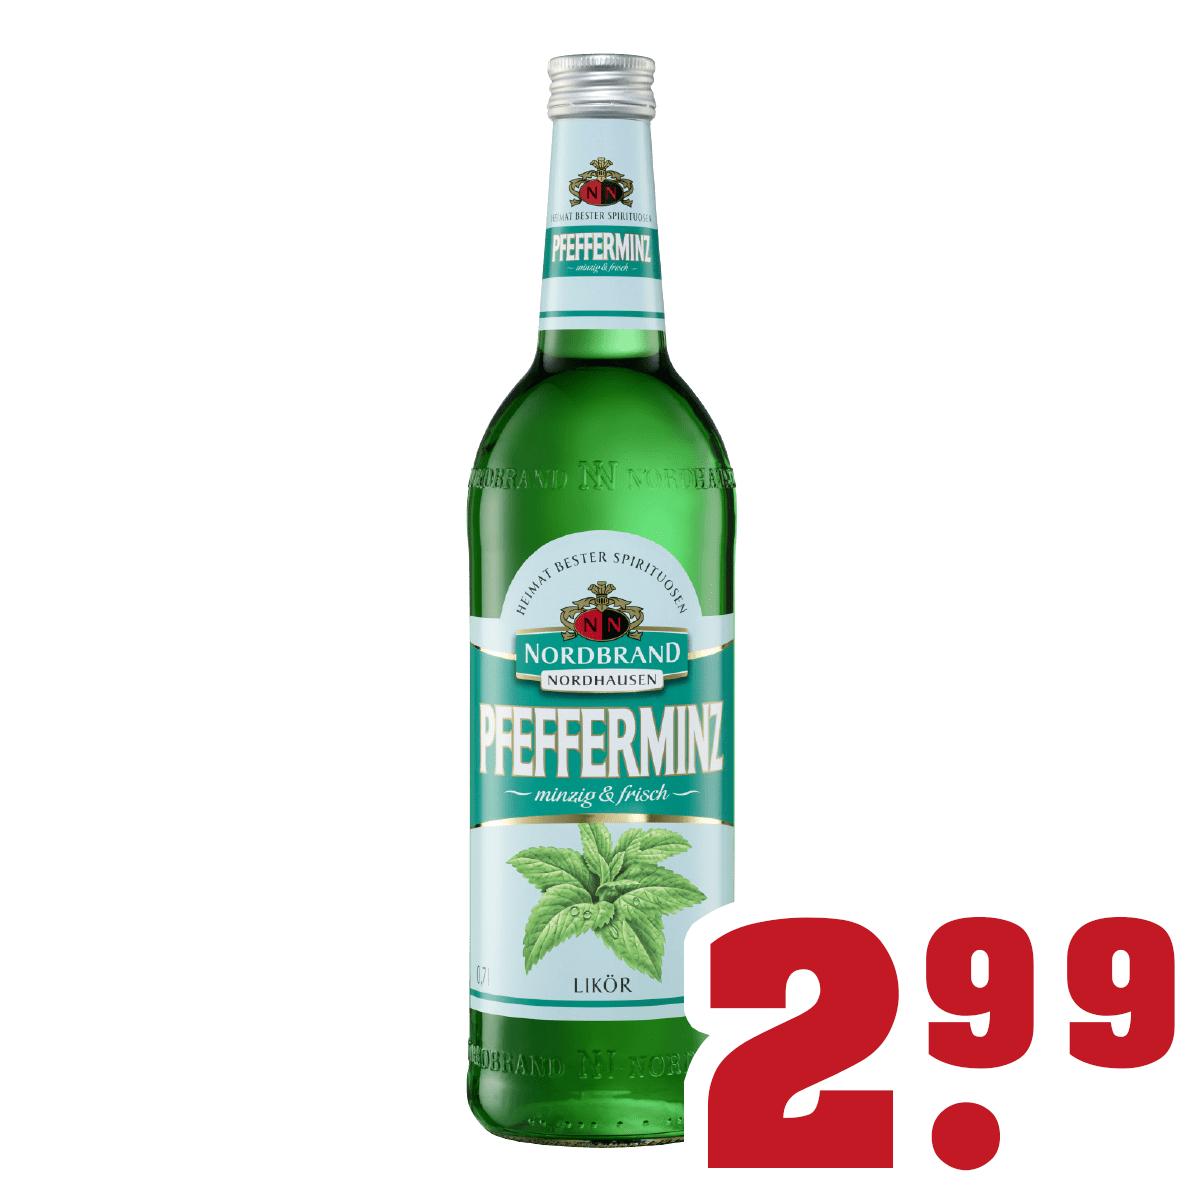 Nordbrand Nordhausen (Pfefferminz-Likör, 0,7L, 18%) bei Trink-Gut in NRW für 2,99 €